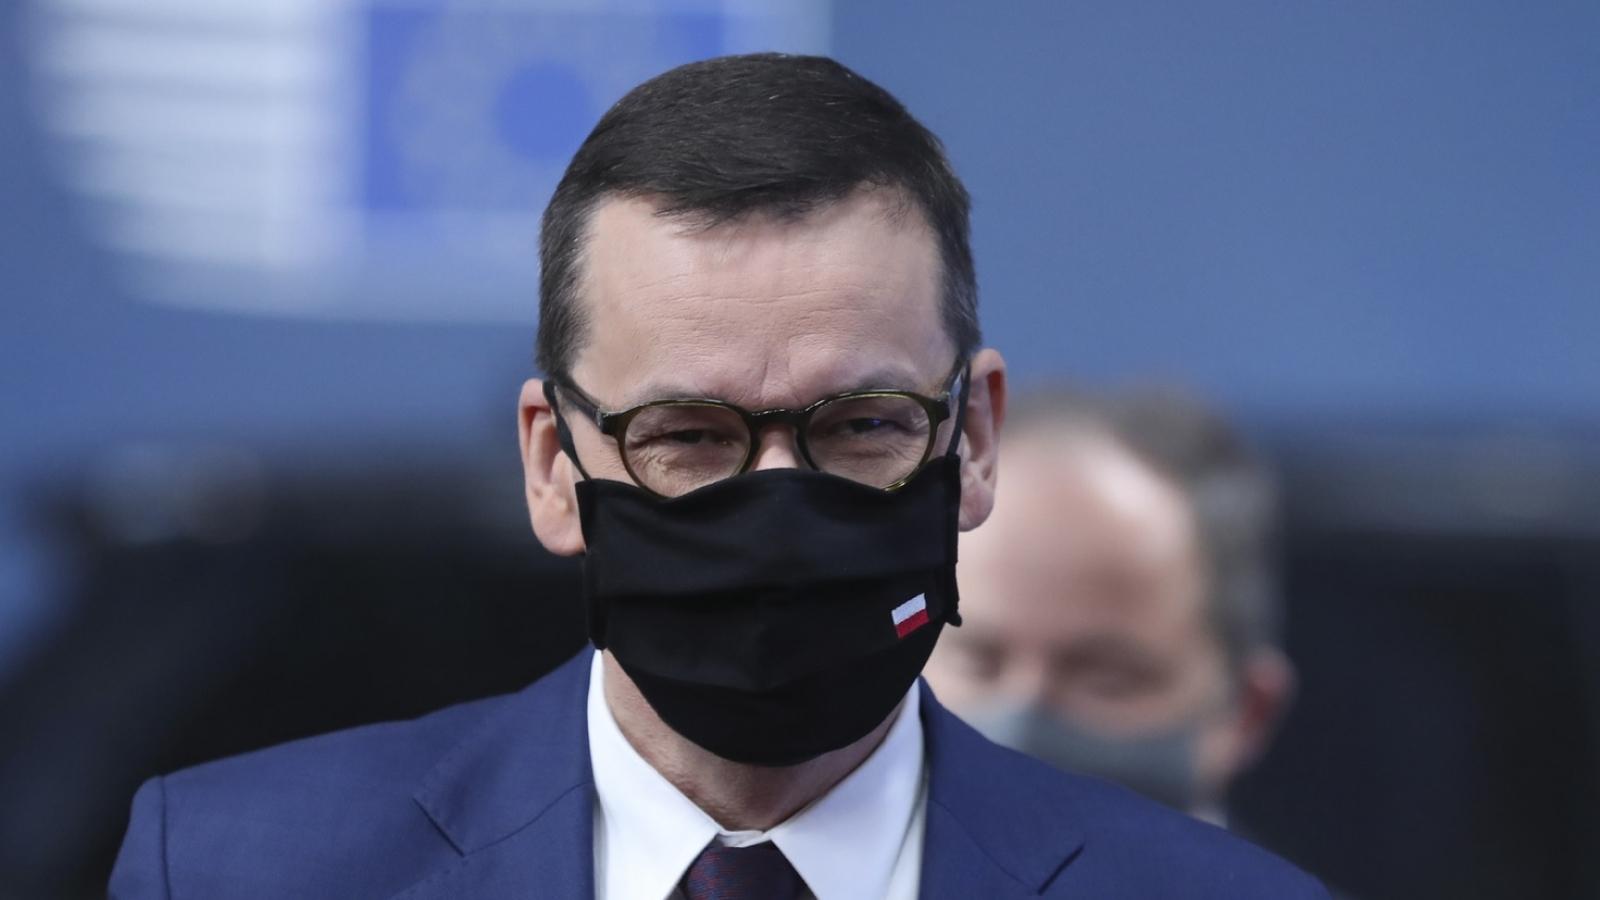 Ba Lan phản đối điều kiện giải ngân các gói cứu trợ của EU